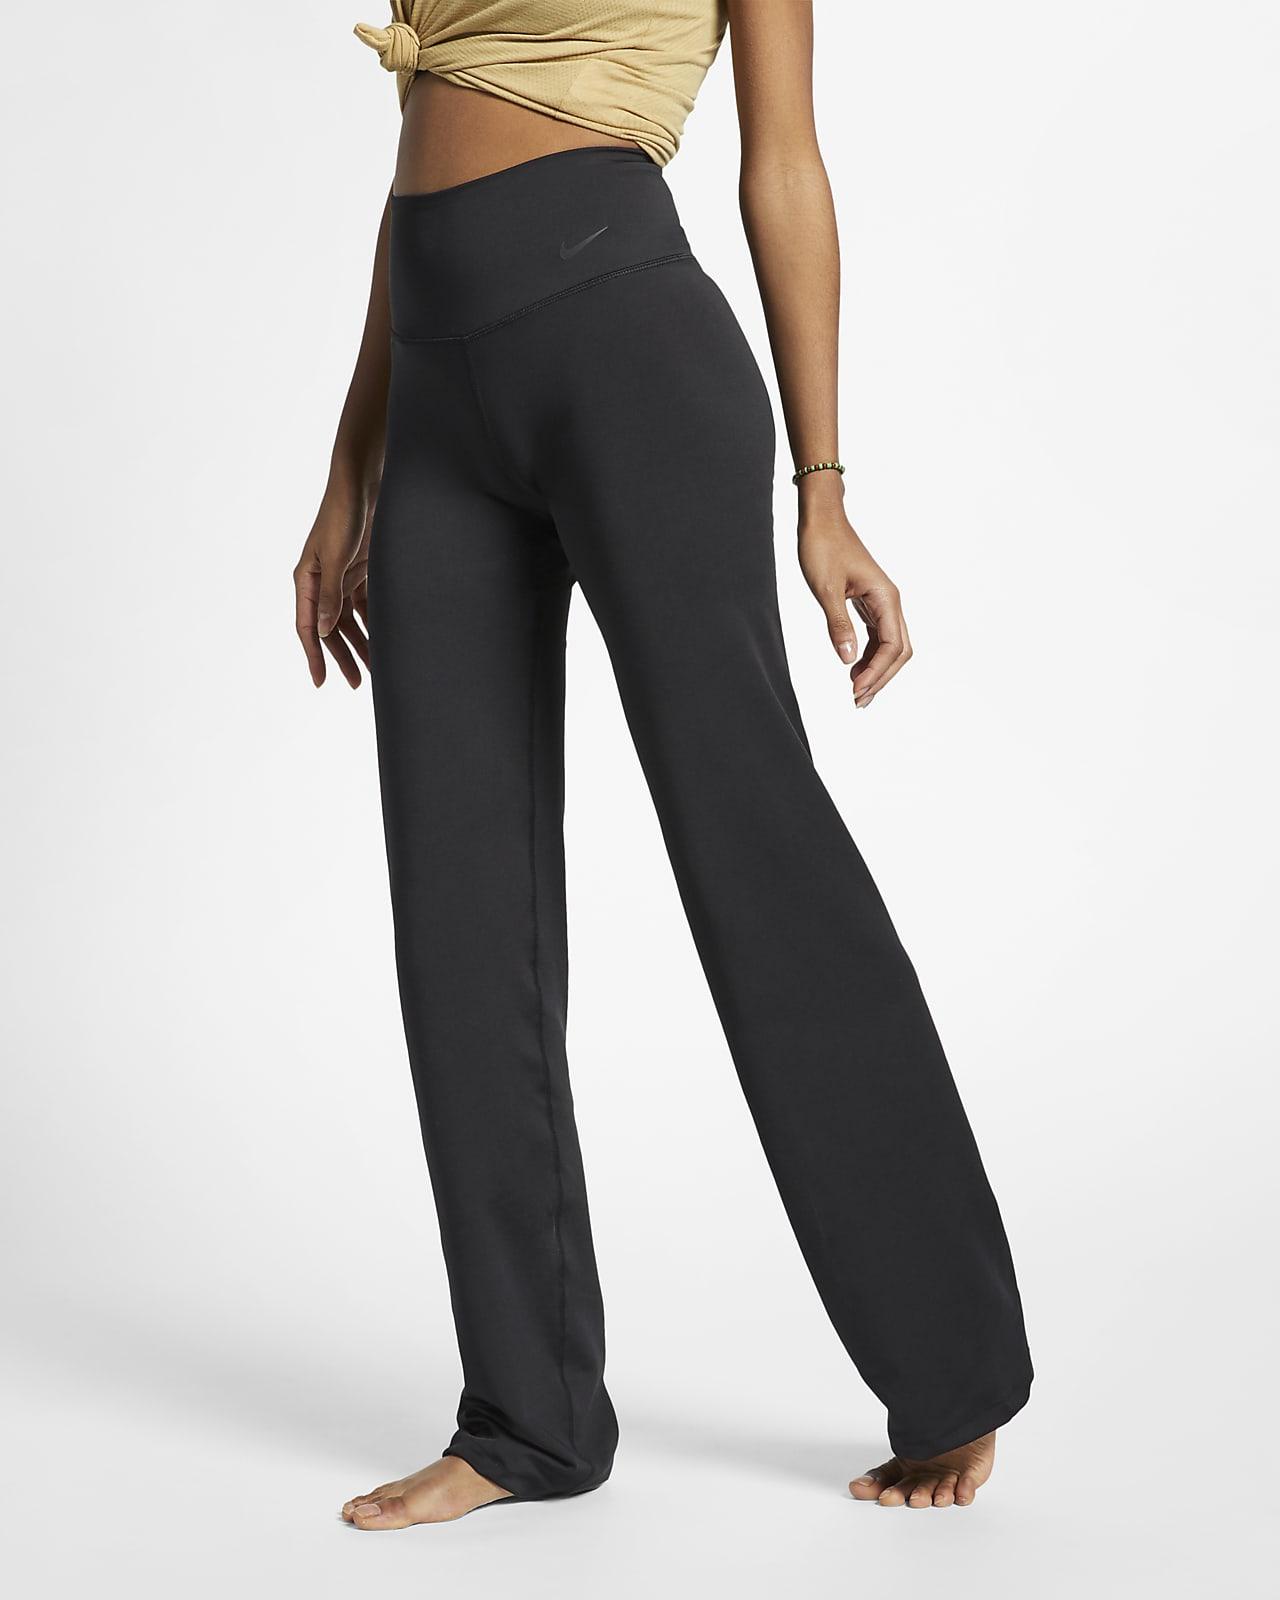 Nike Power Pantalón de entrenamiento de yoga - Mujer